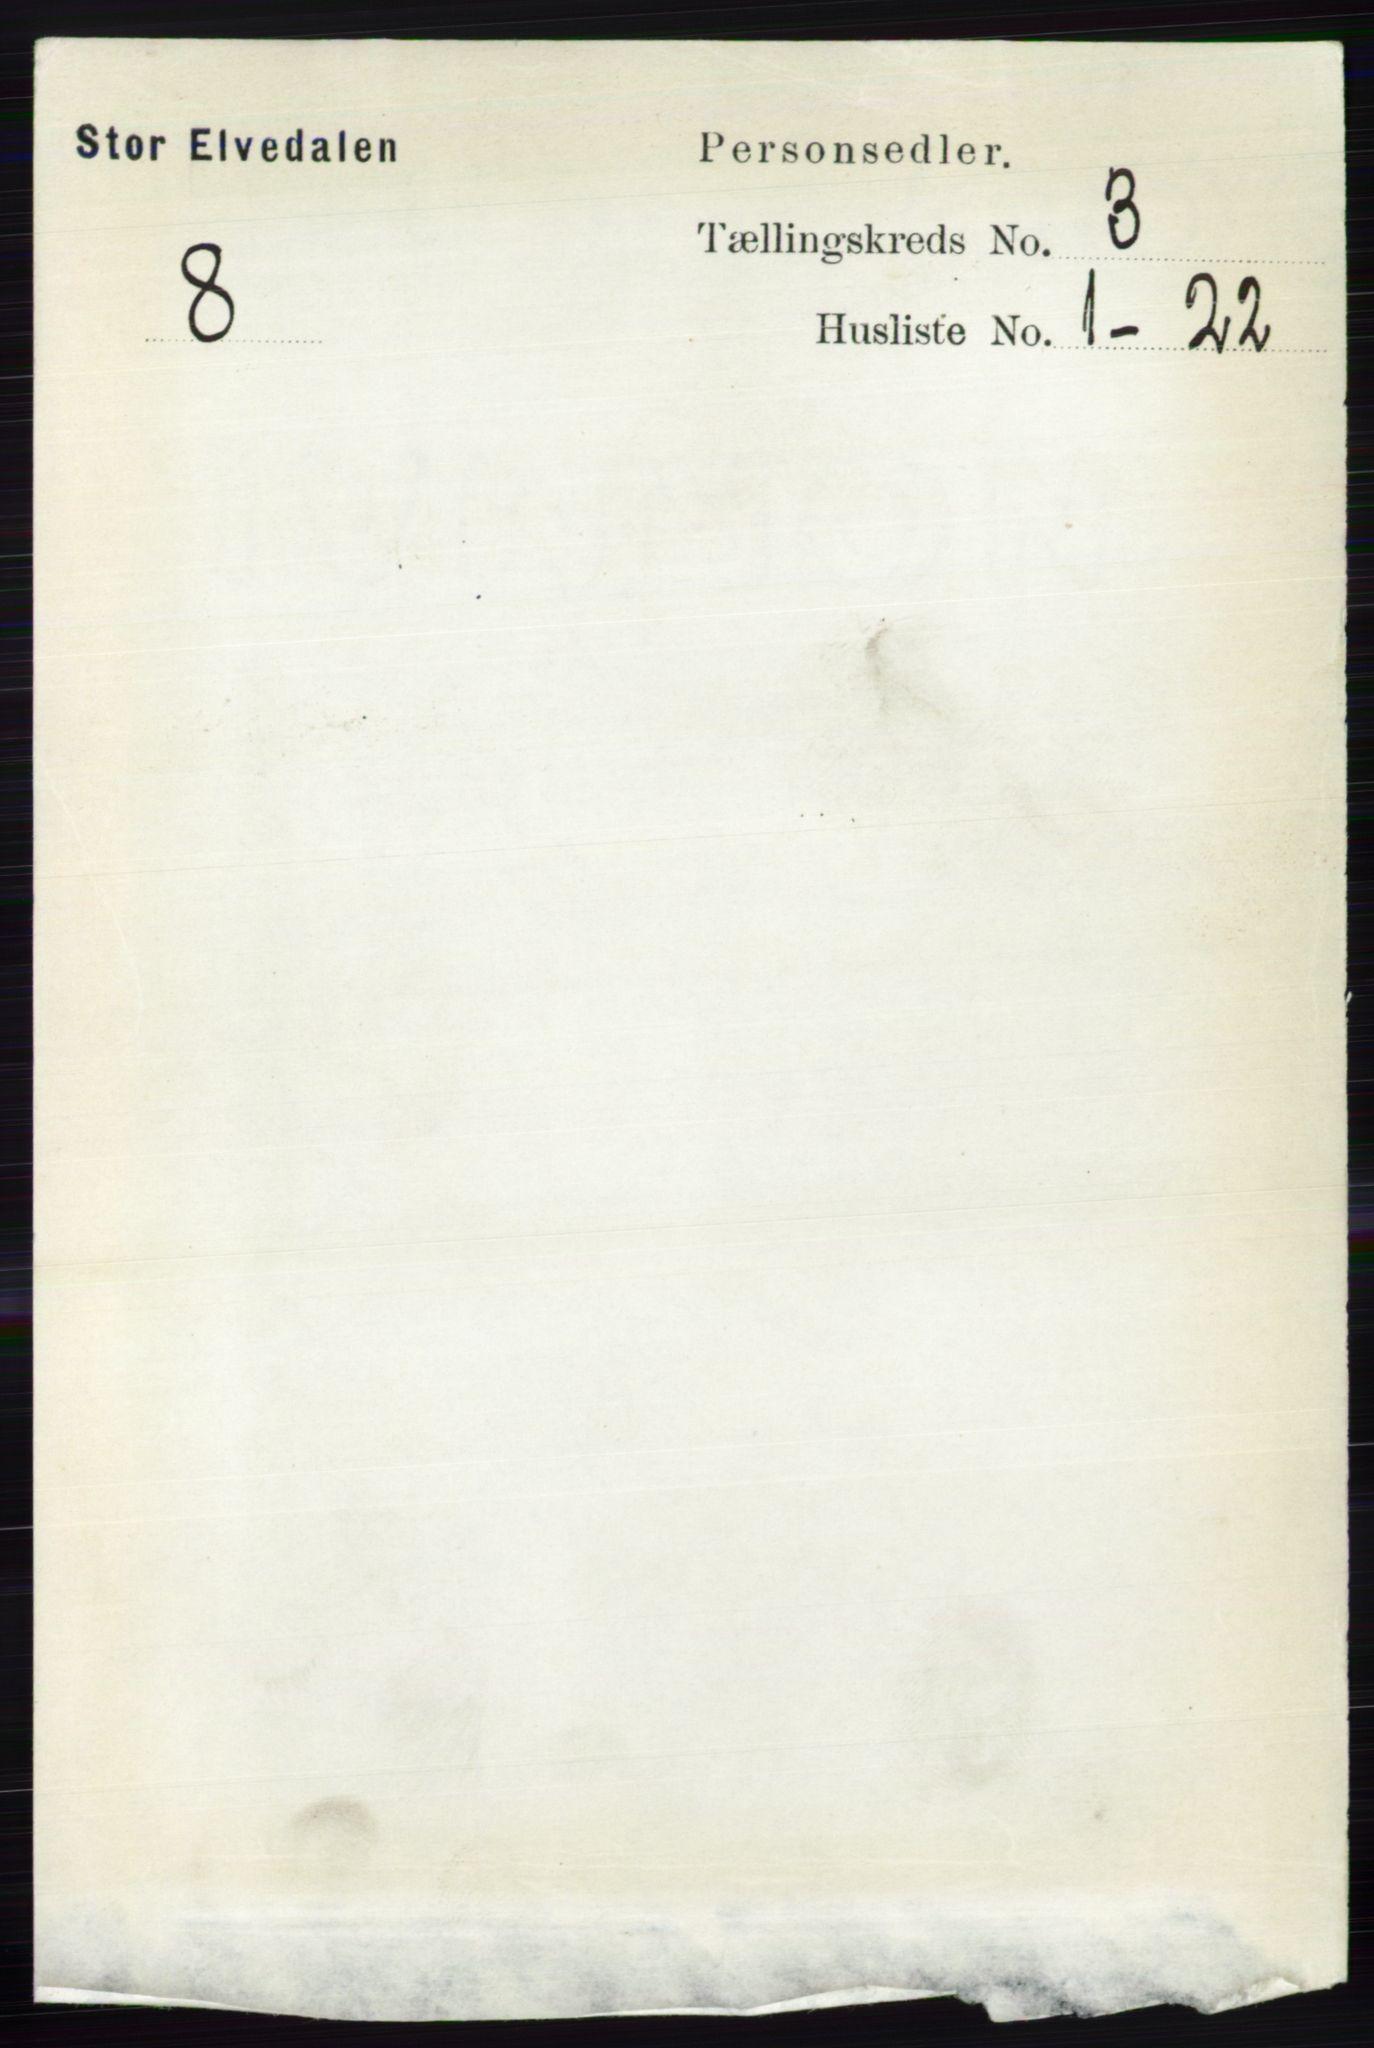 RA, Folketelling 1891 for 0430 Stor-Elvdal herred, 1891, s. 837